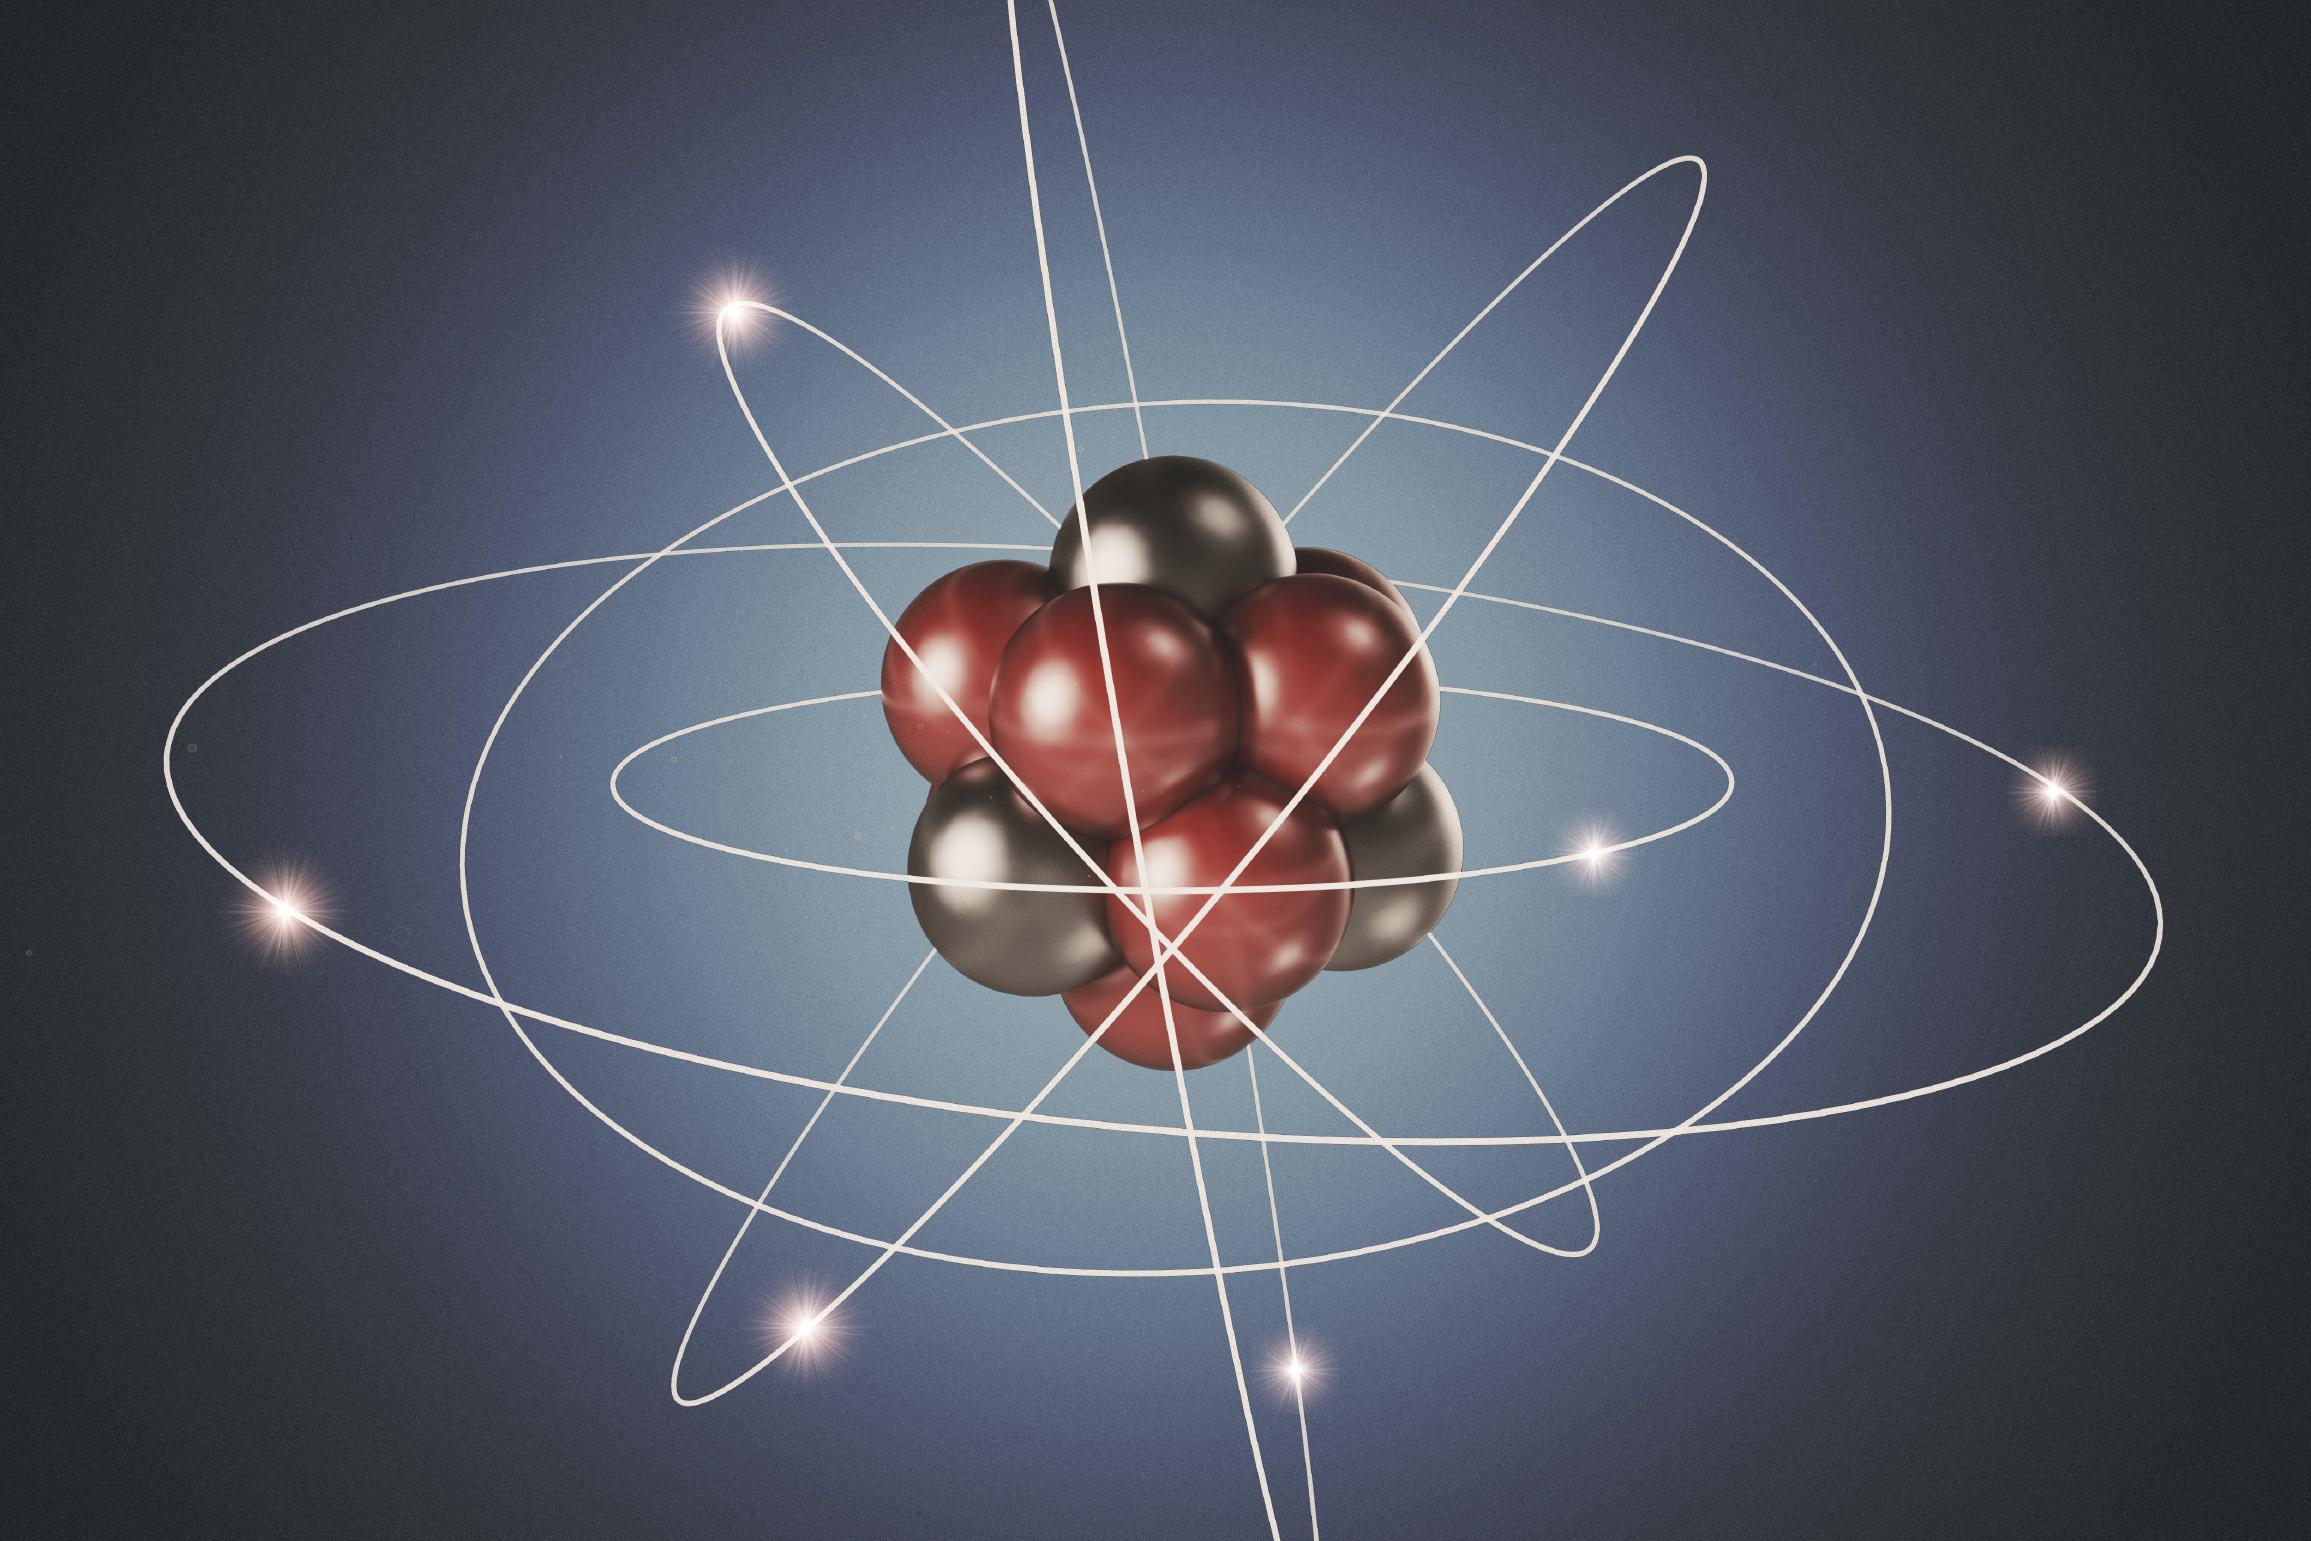 Физика красивые картинки, воскресения картинки